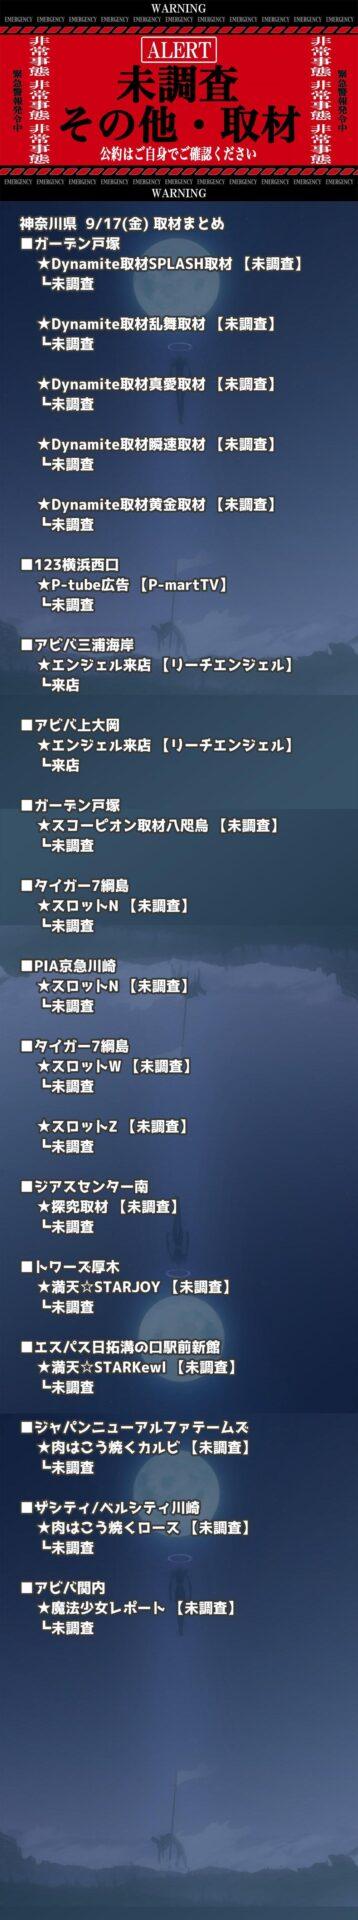 神奈川県_2021-09-17_未調査_パチンコ・パチスロ